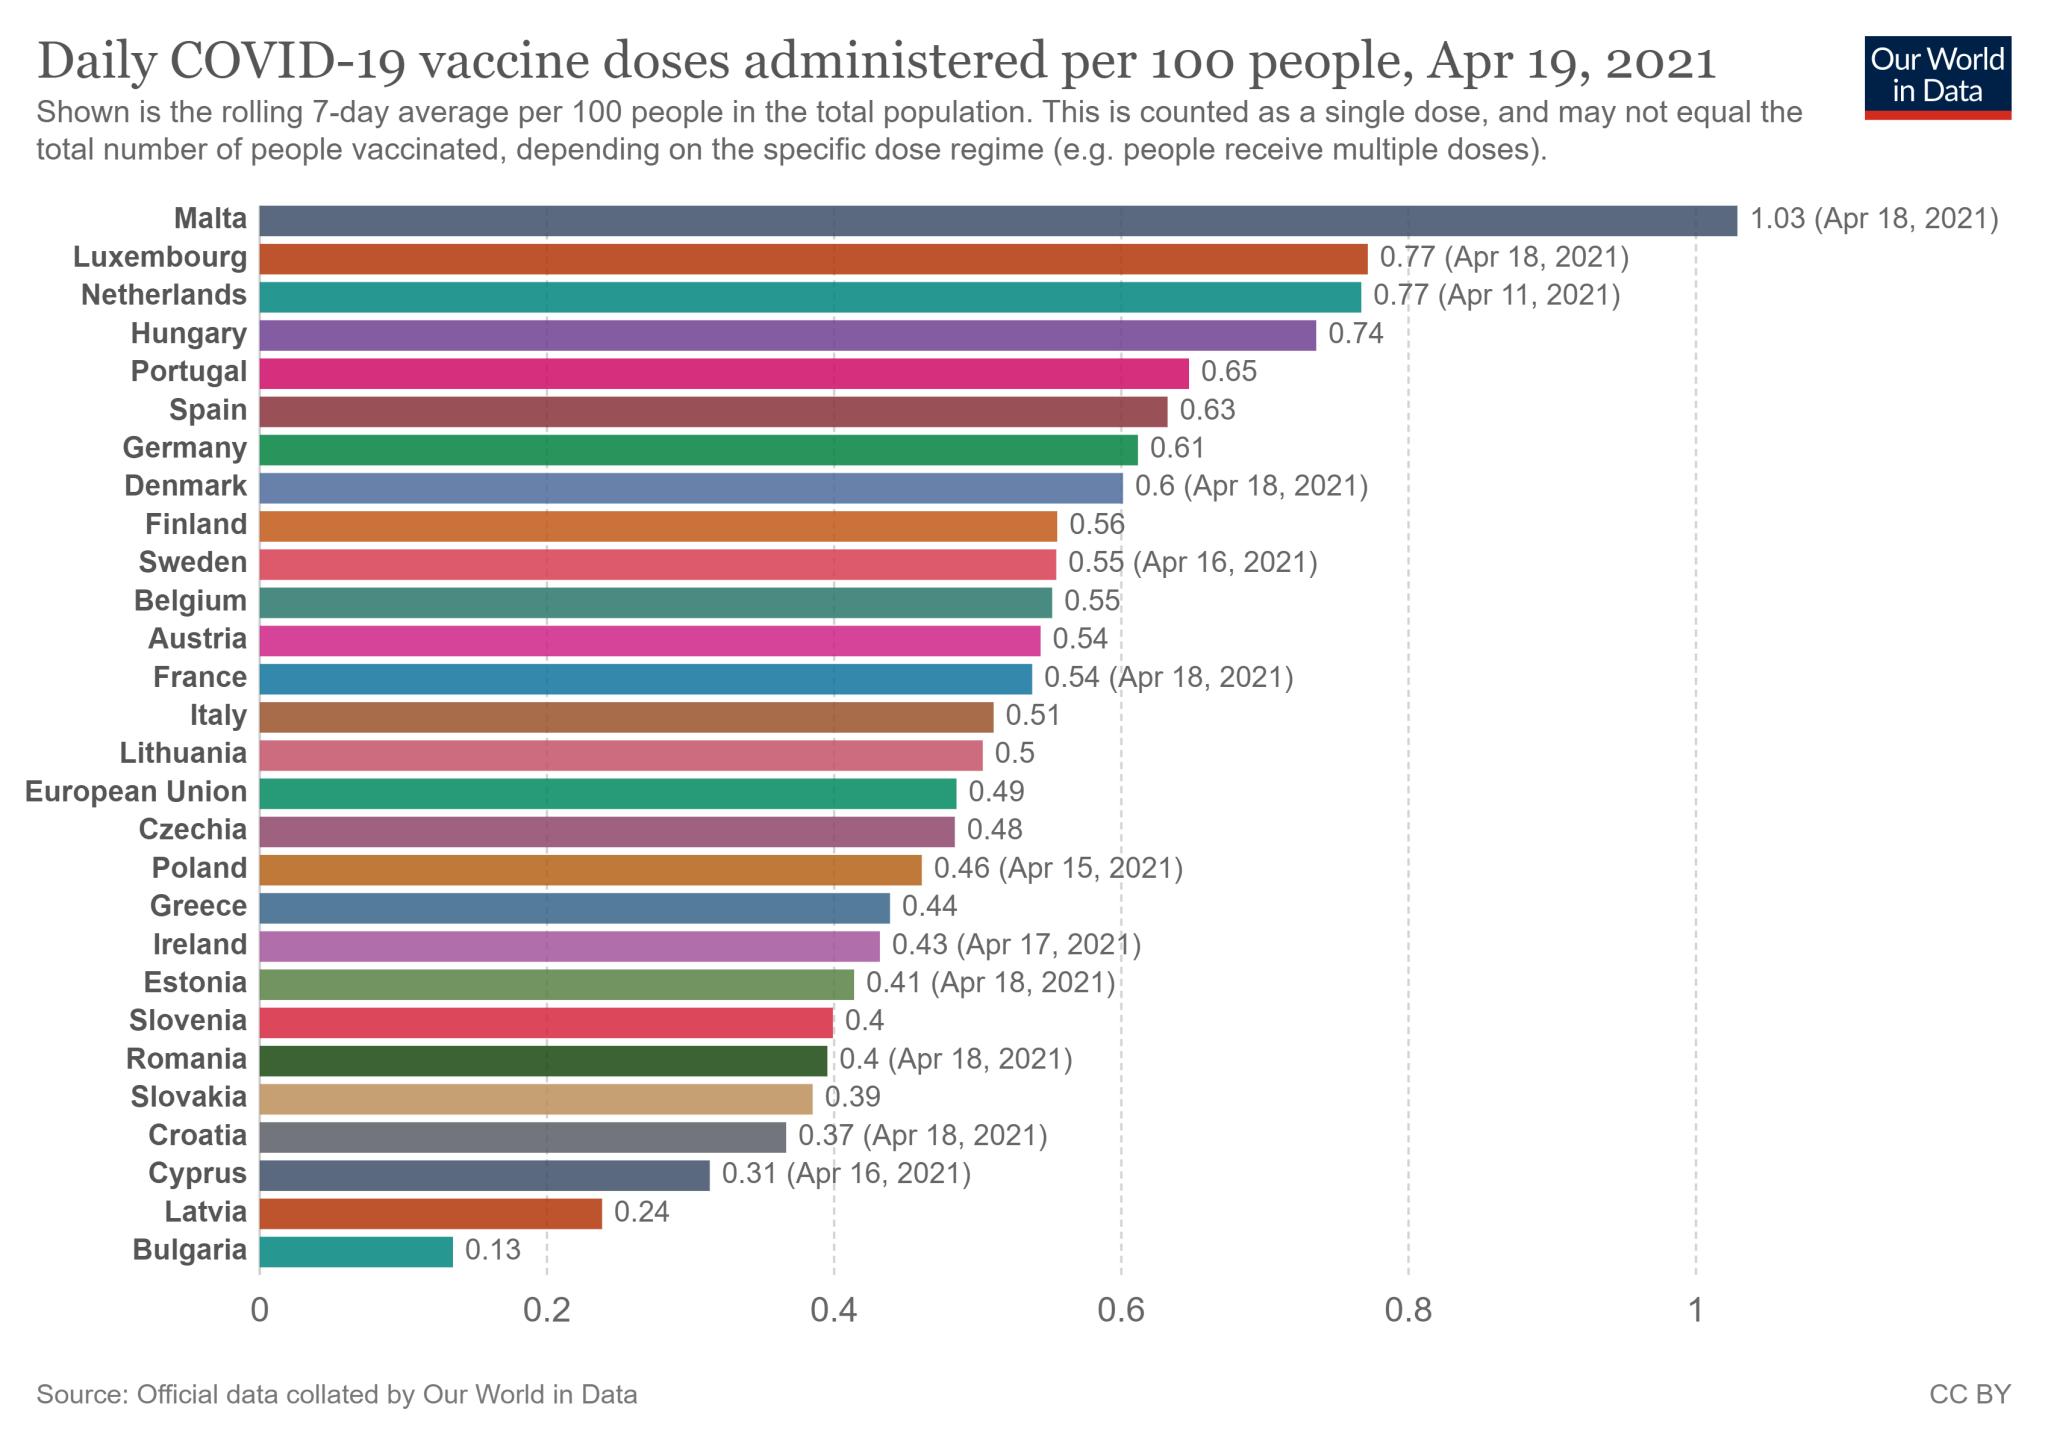 Tygodniowa średnia krocząca wskaźnika zaszczepienia w 27 państwach Unii Europejskiej - stan na 19 kwietnia 2021